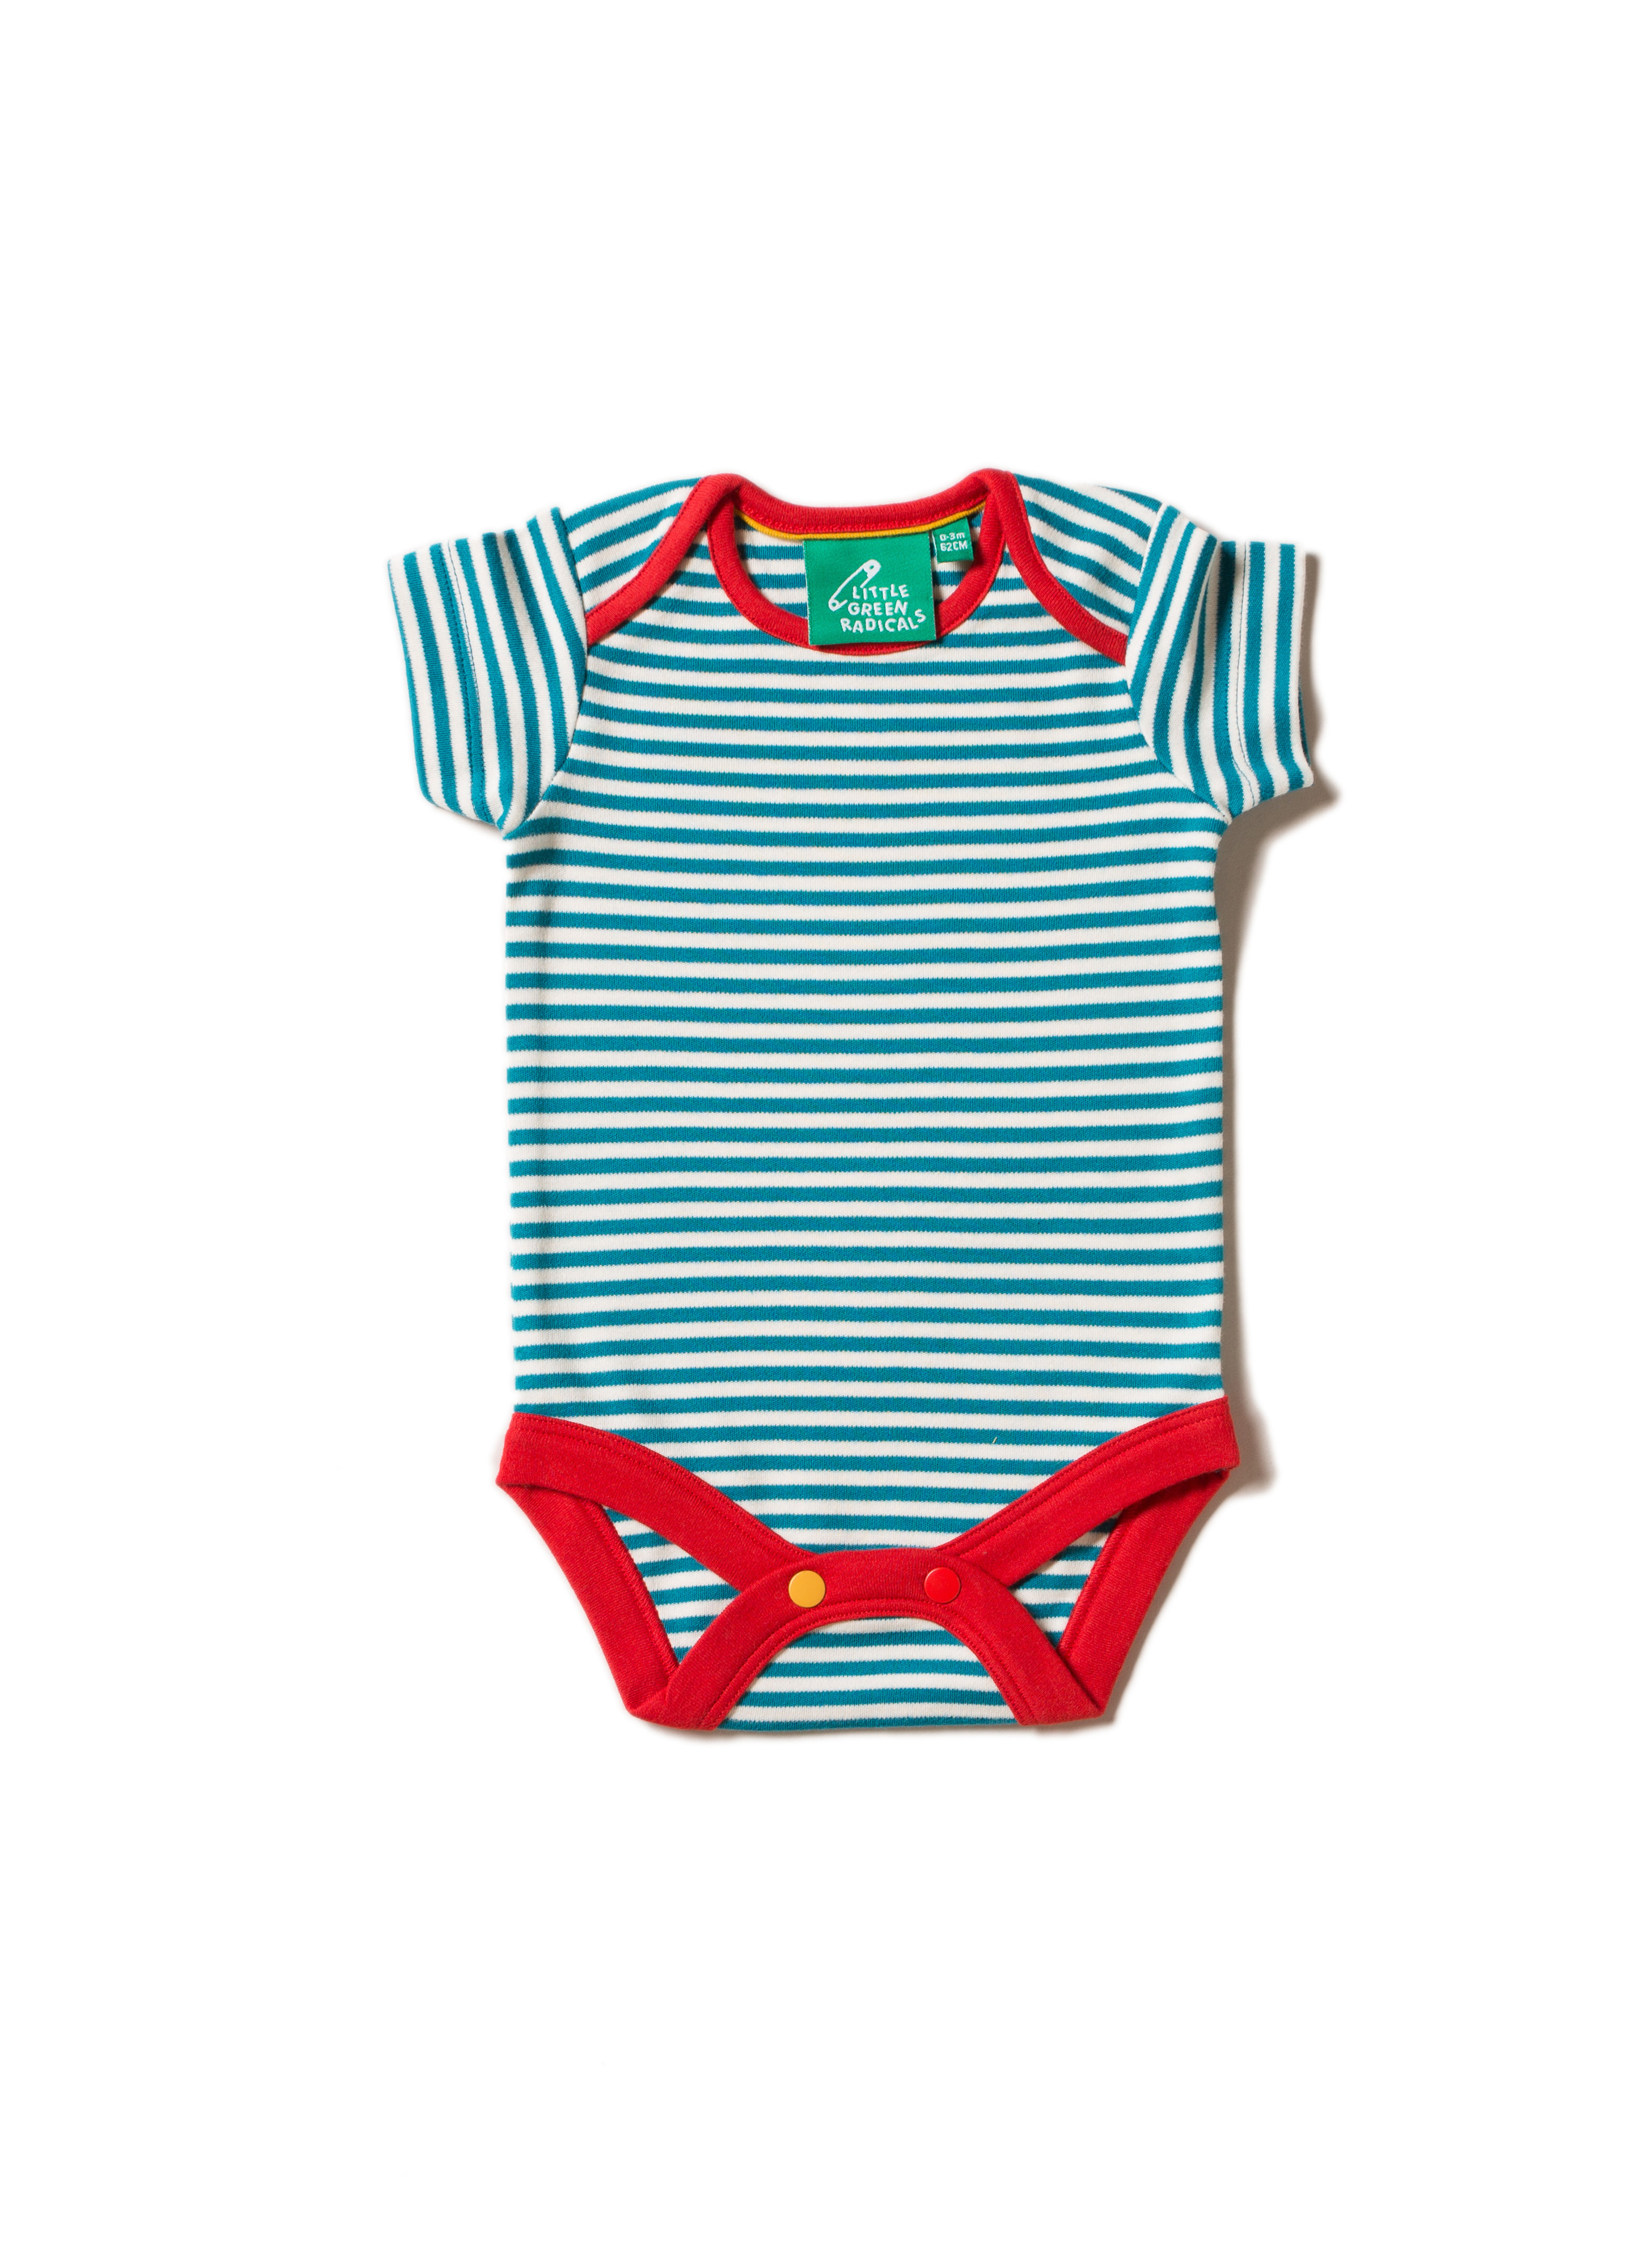 LGR- Sealife baby body set